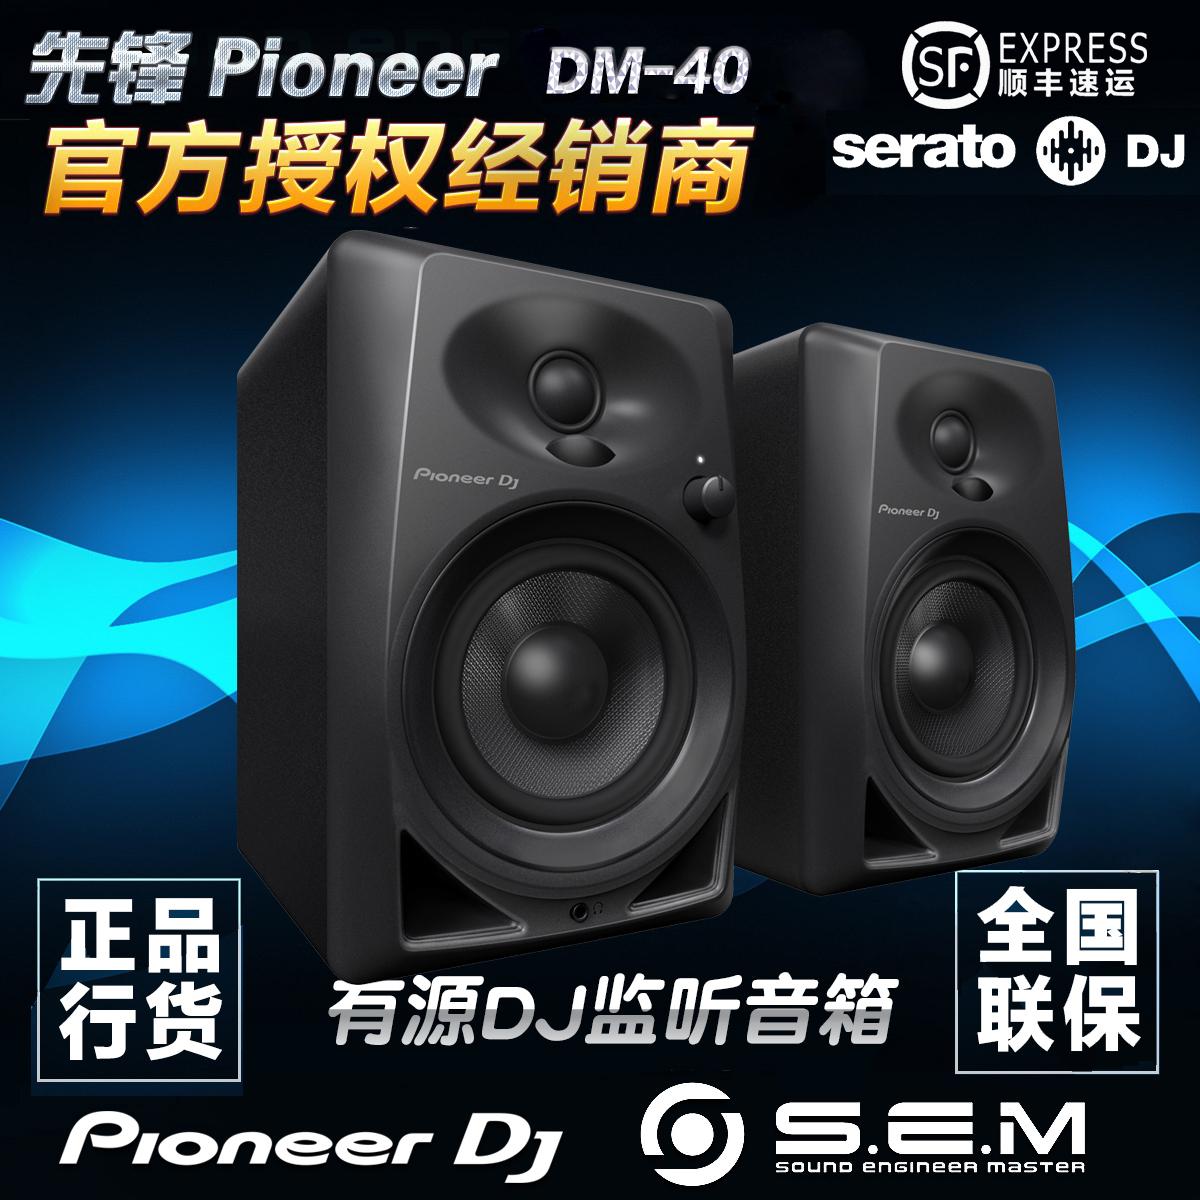 先锋Pioneer DM-40K 桌面监听音响 DJ专用监听音箱一对 全国联保